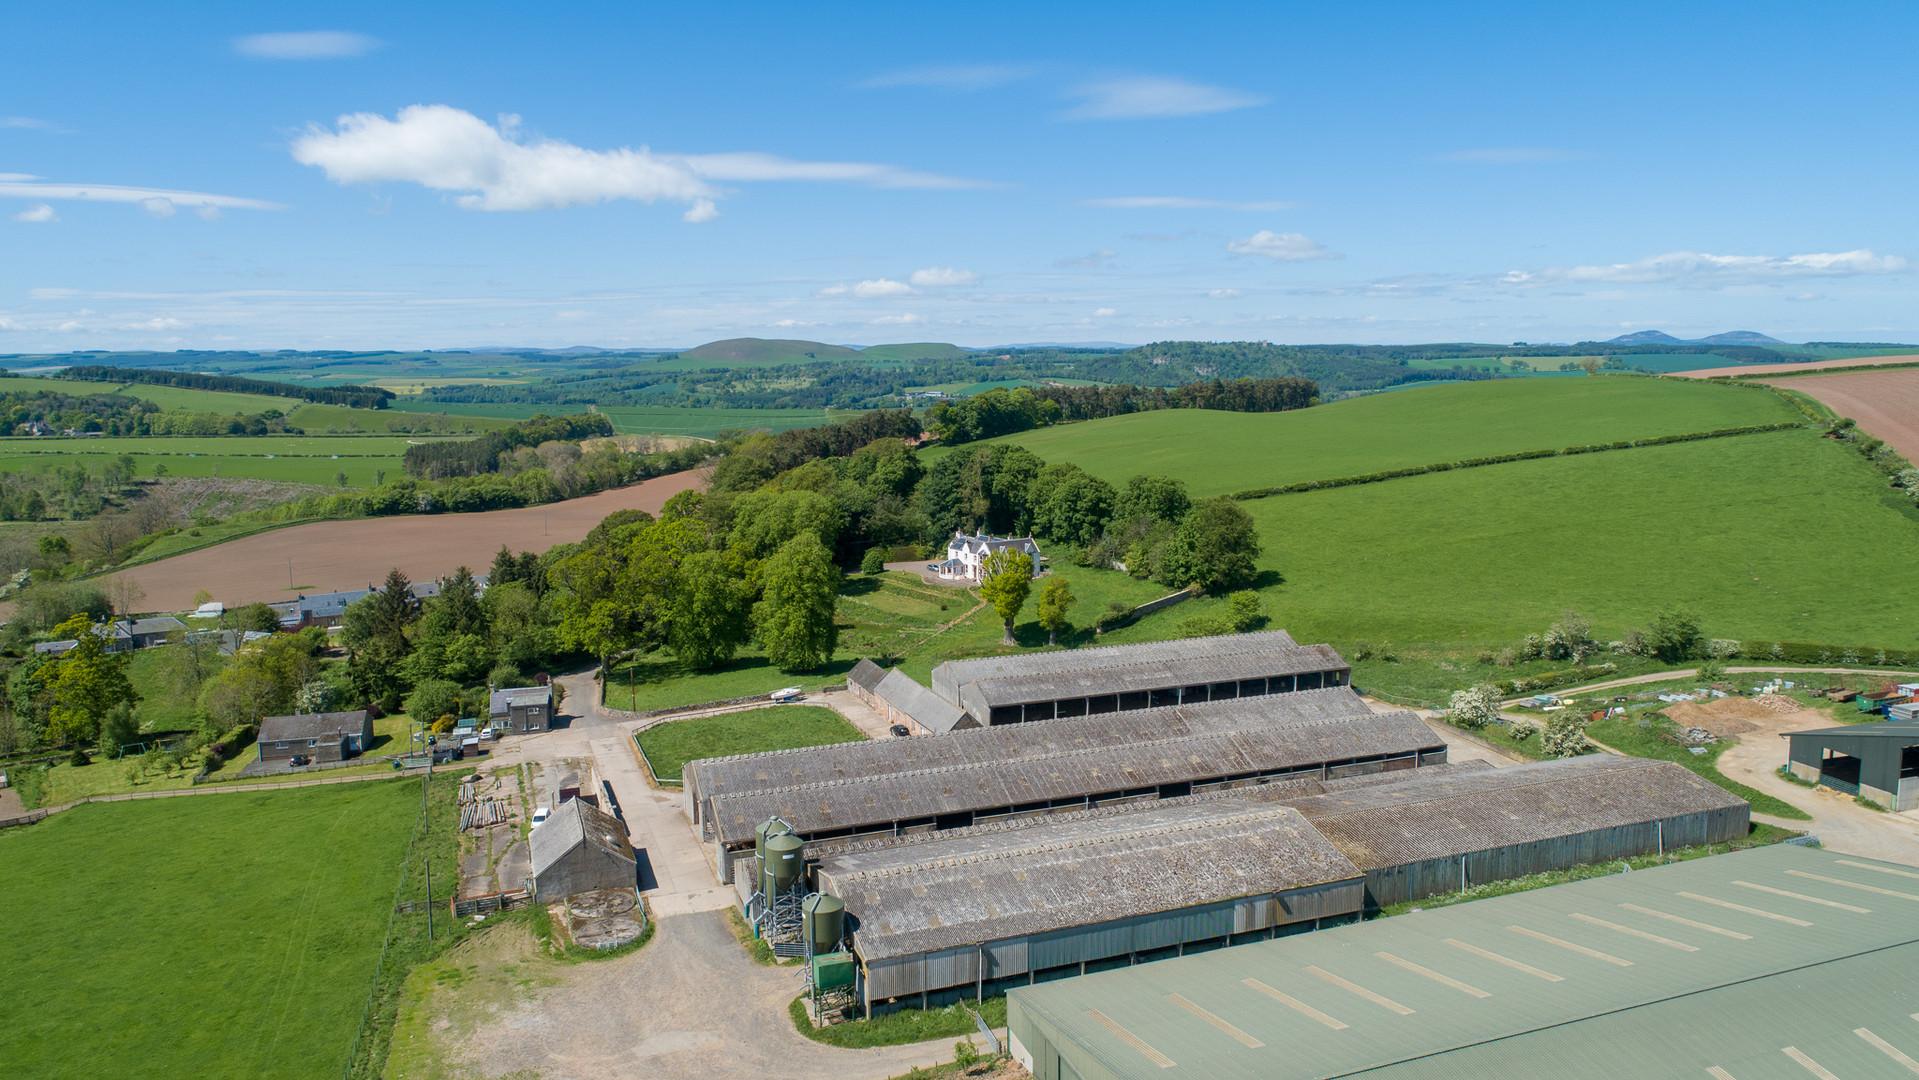 Sunny Bedrule Farm